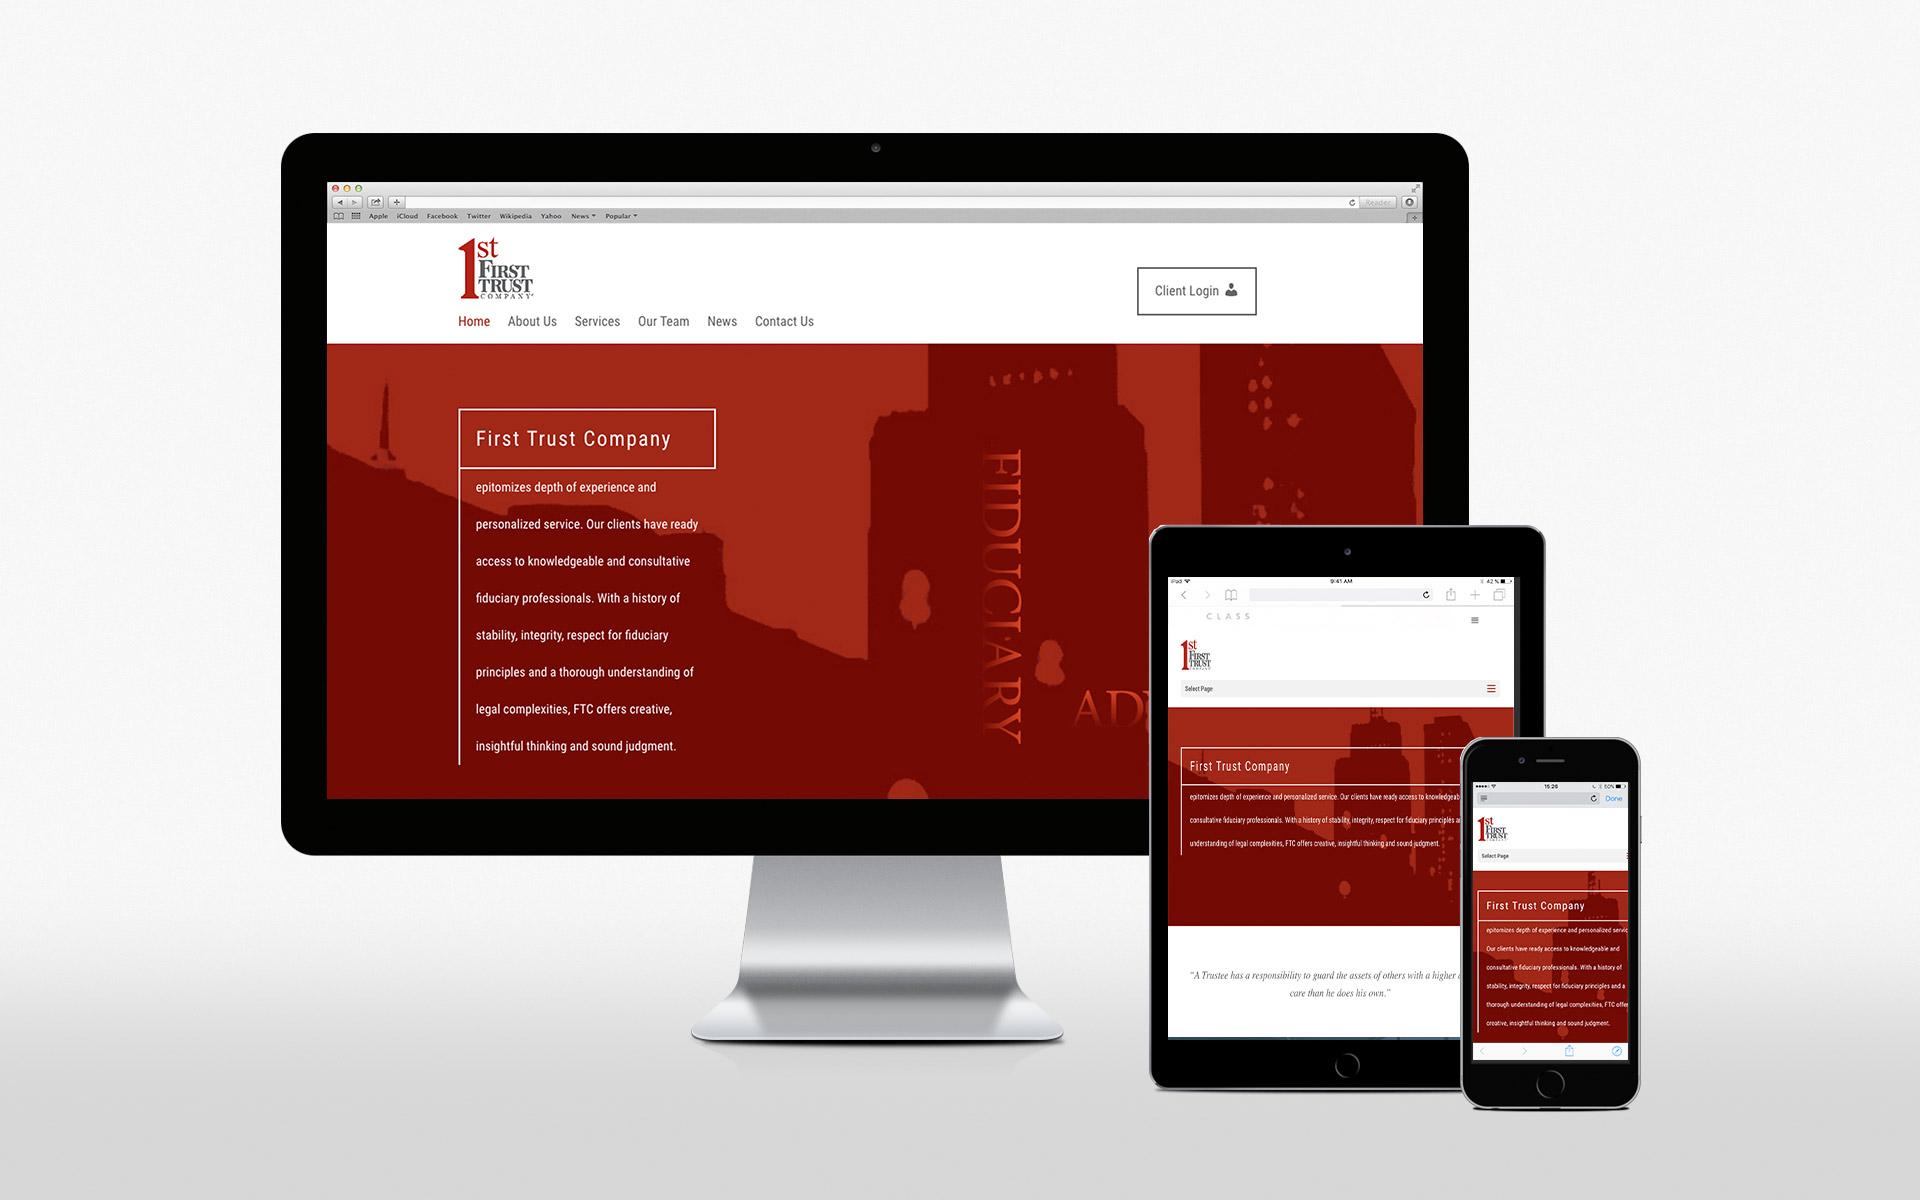 1stTrustCo website